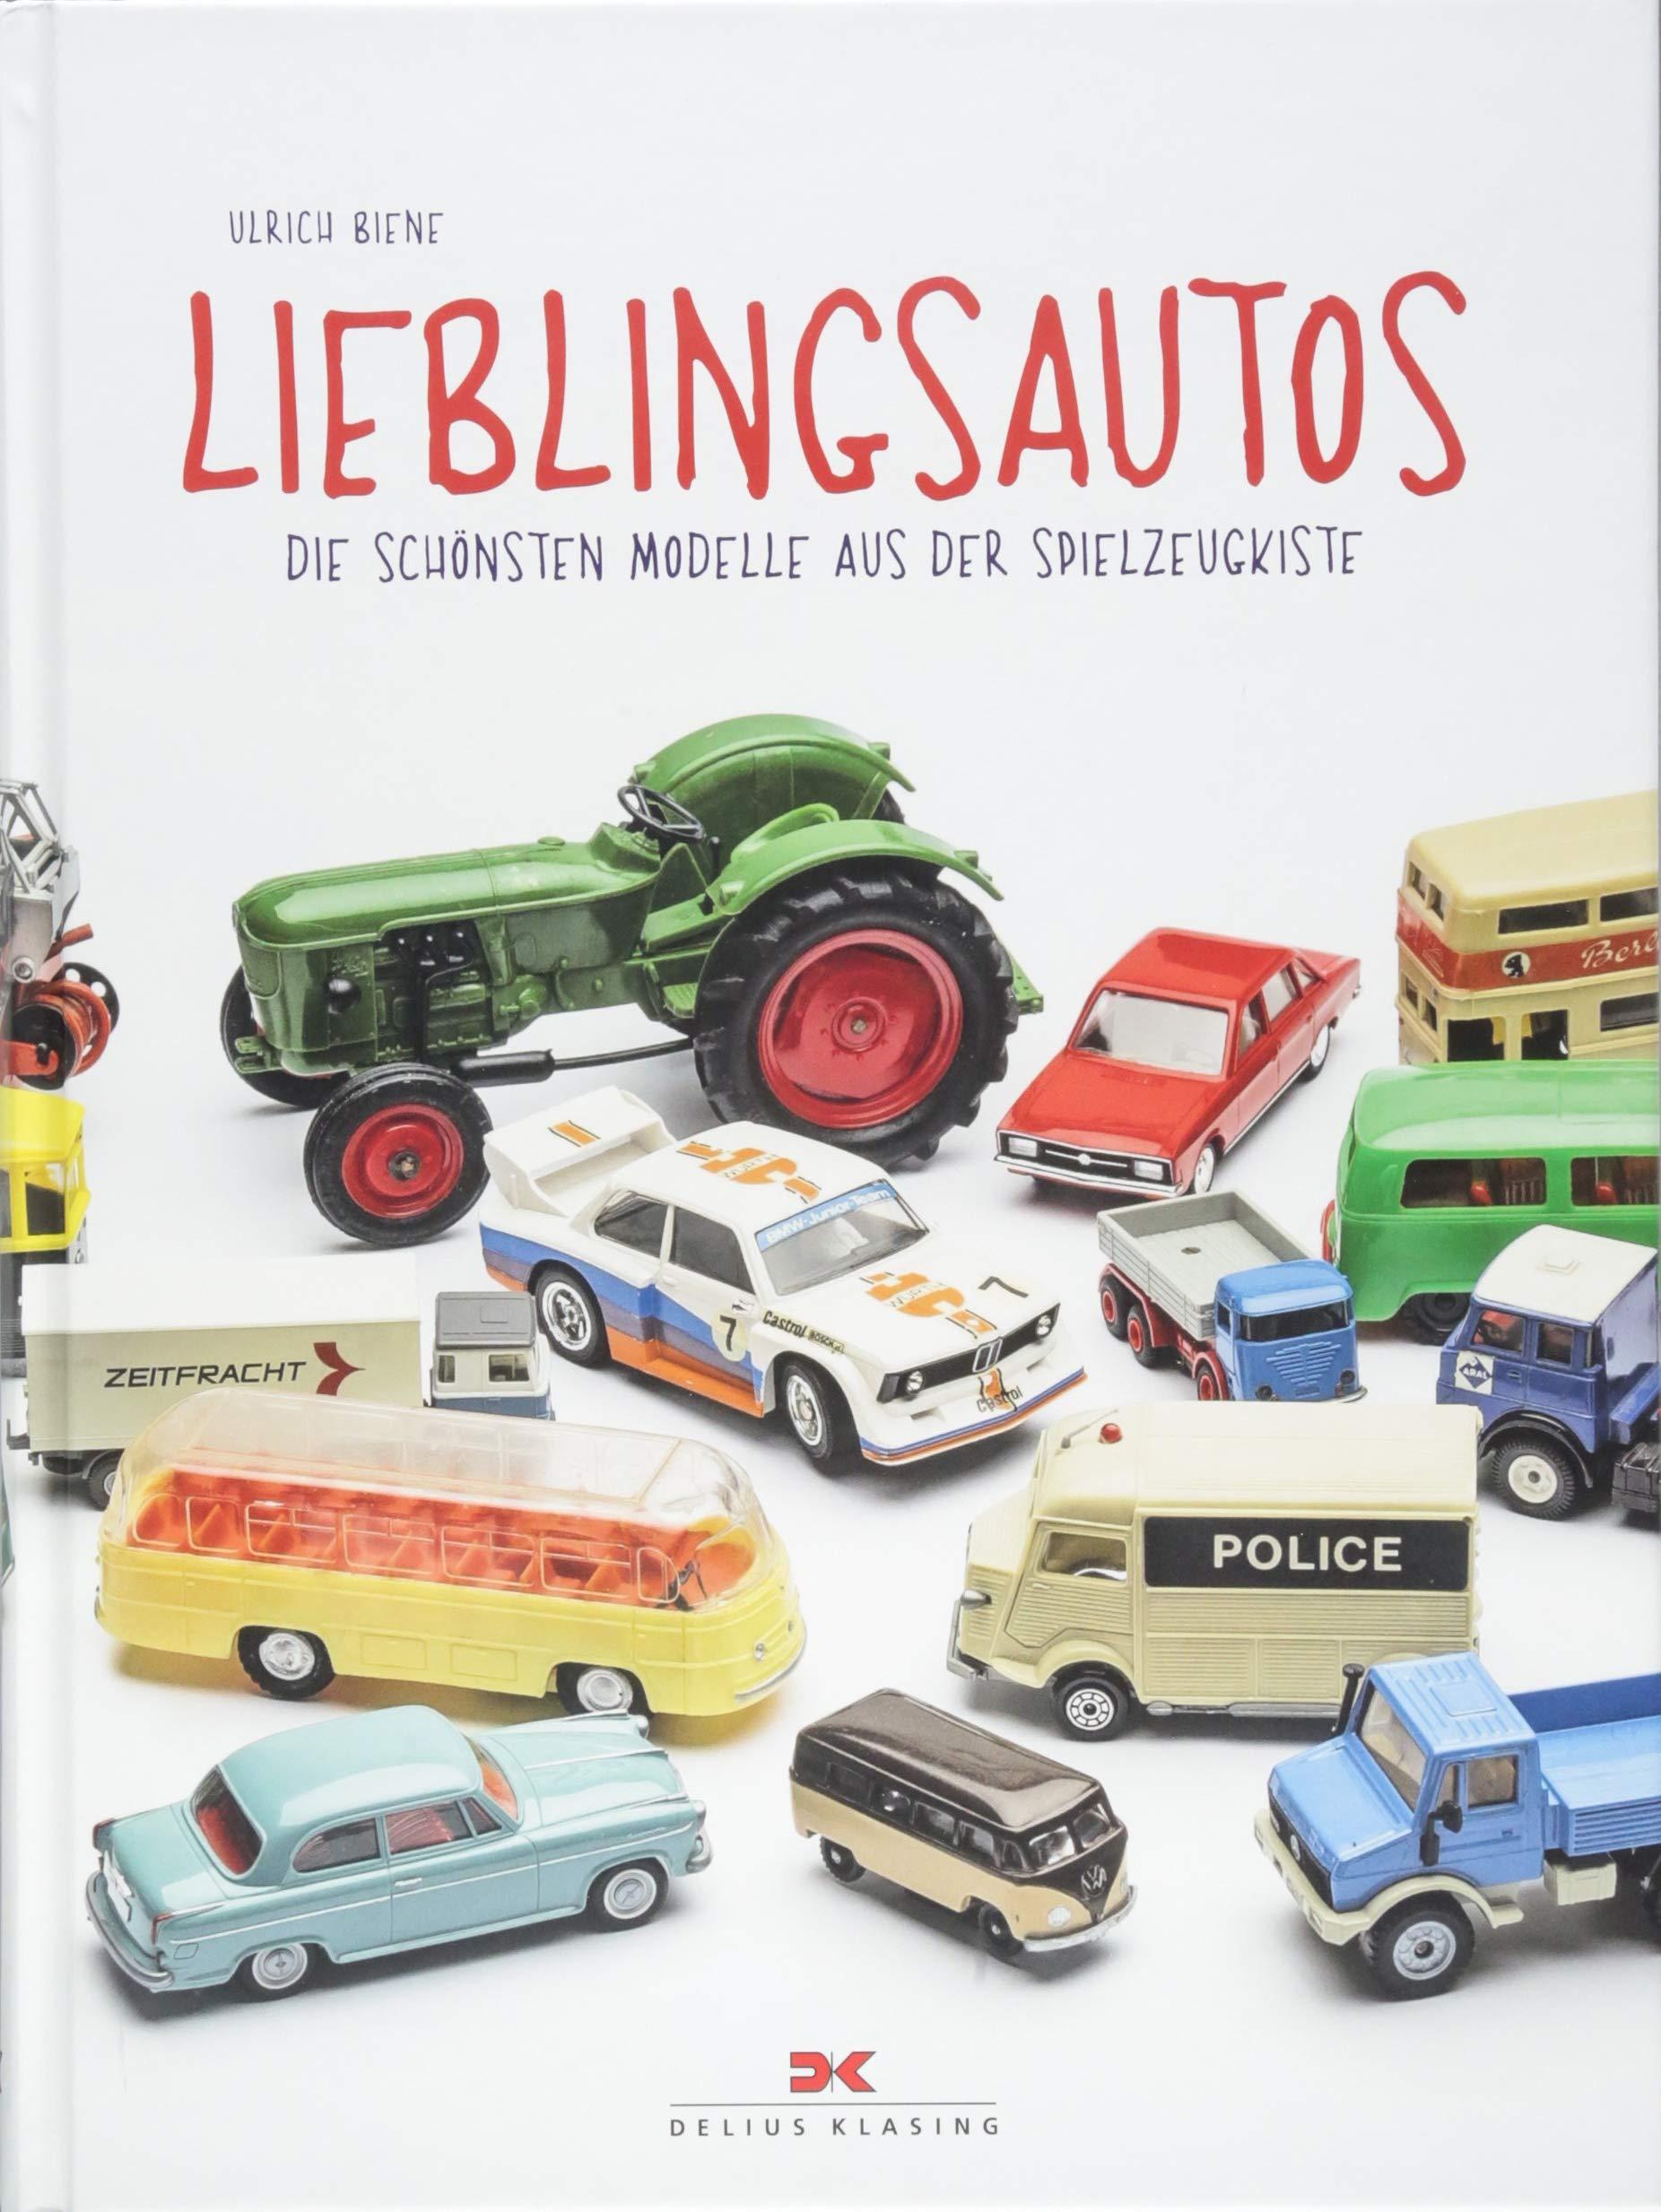 Lieblingsautos die schönsten Modelle aus der Spielzeug-Kiste Buch//Fotos Biene